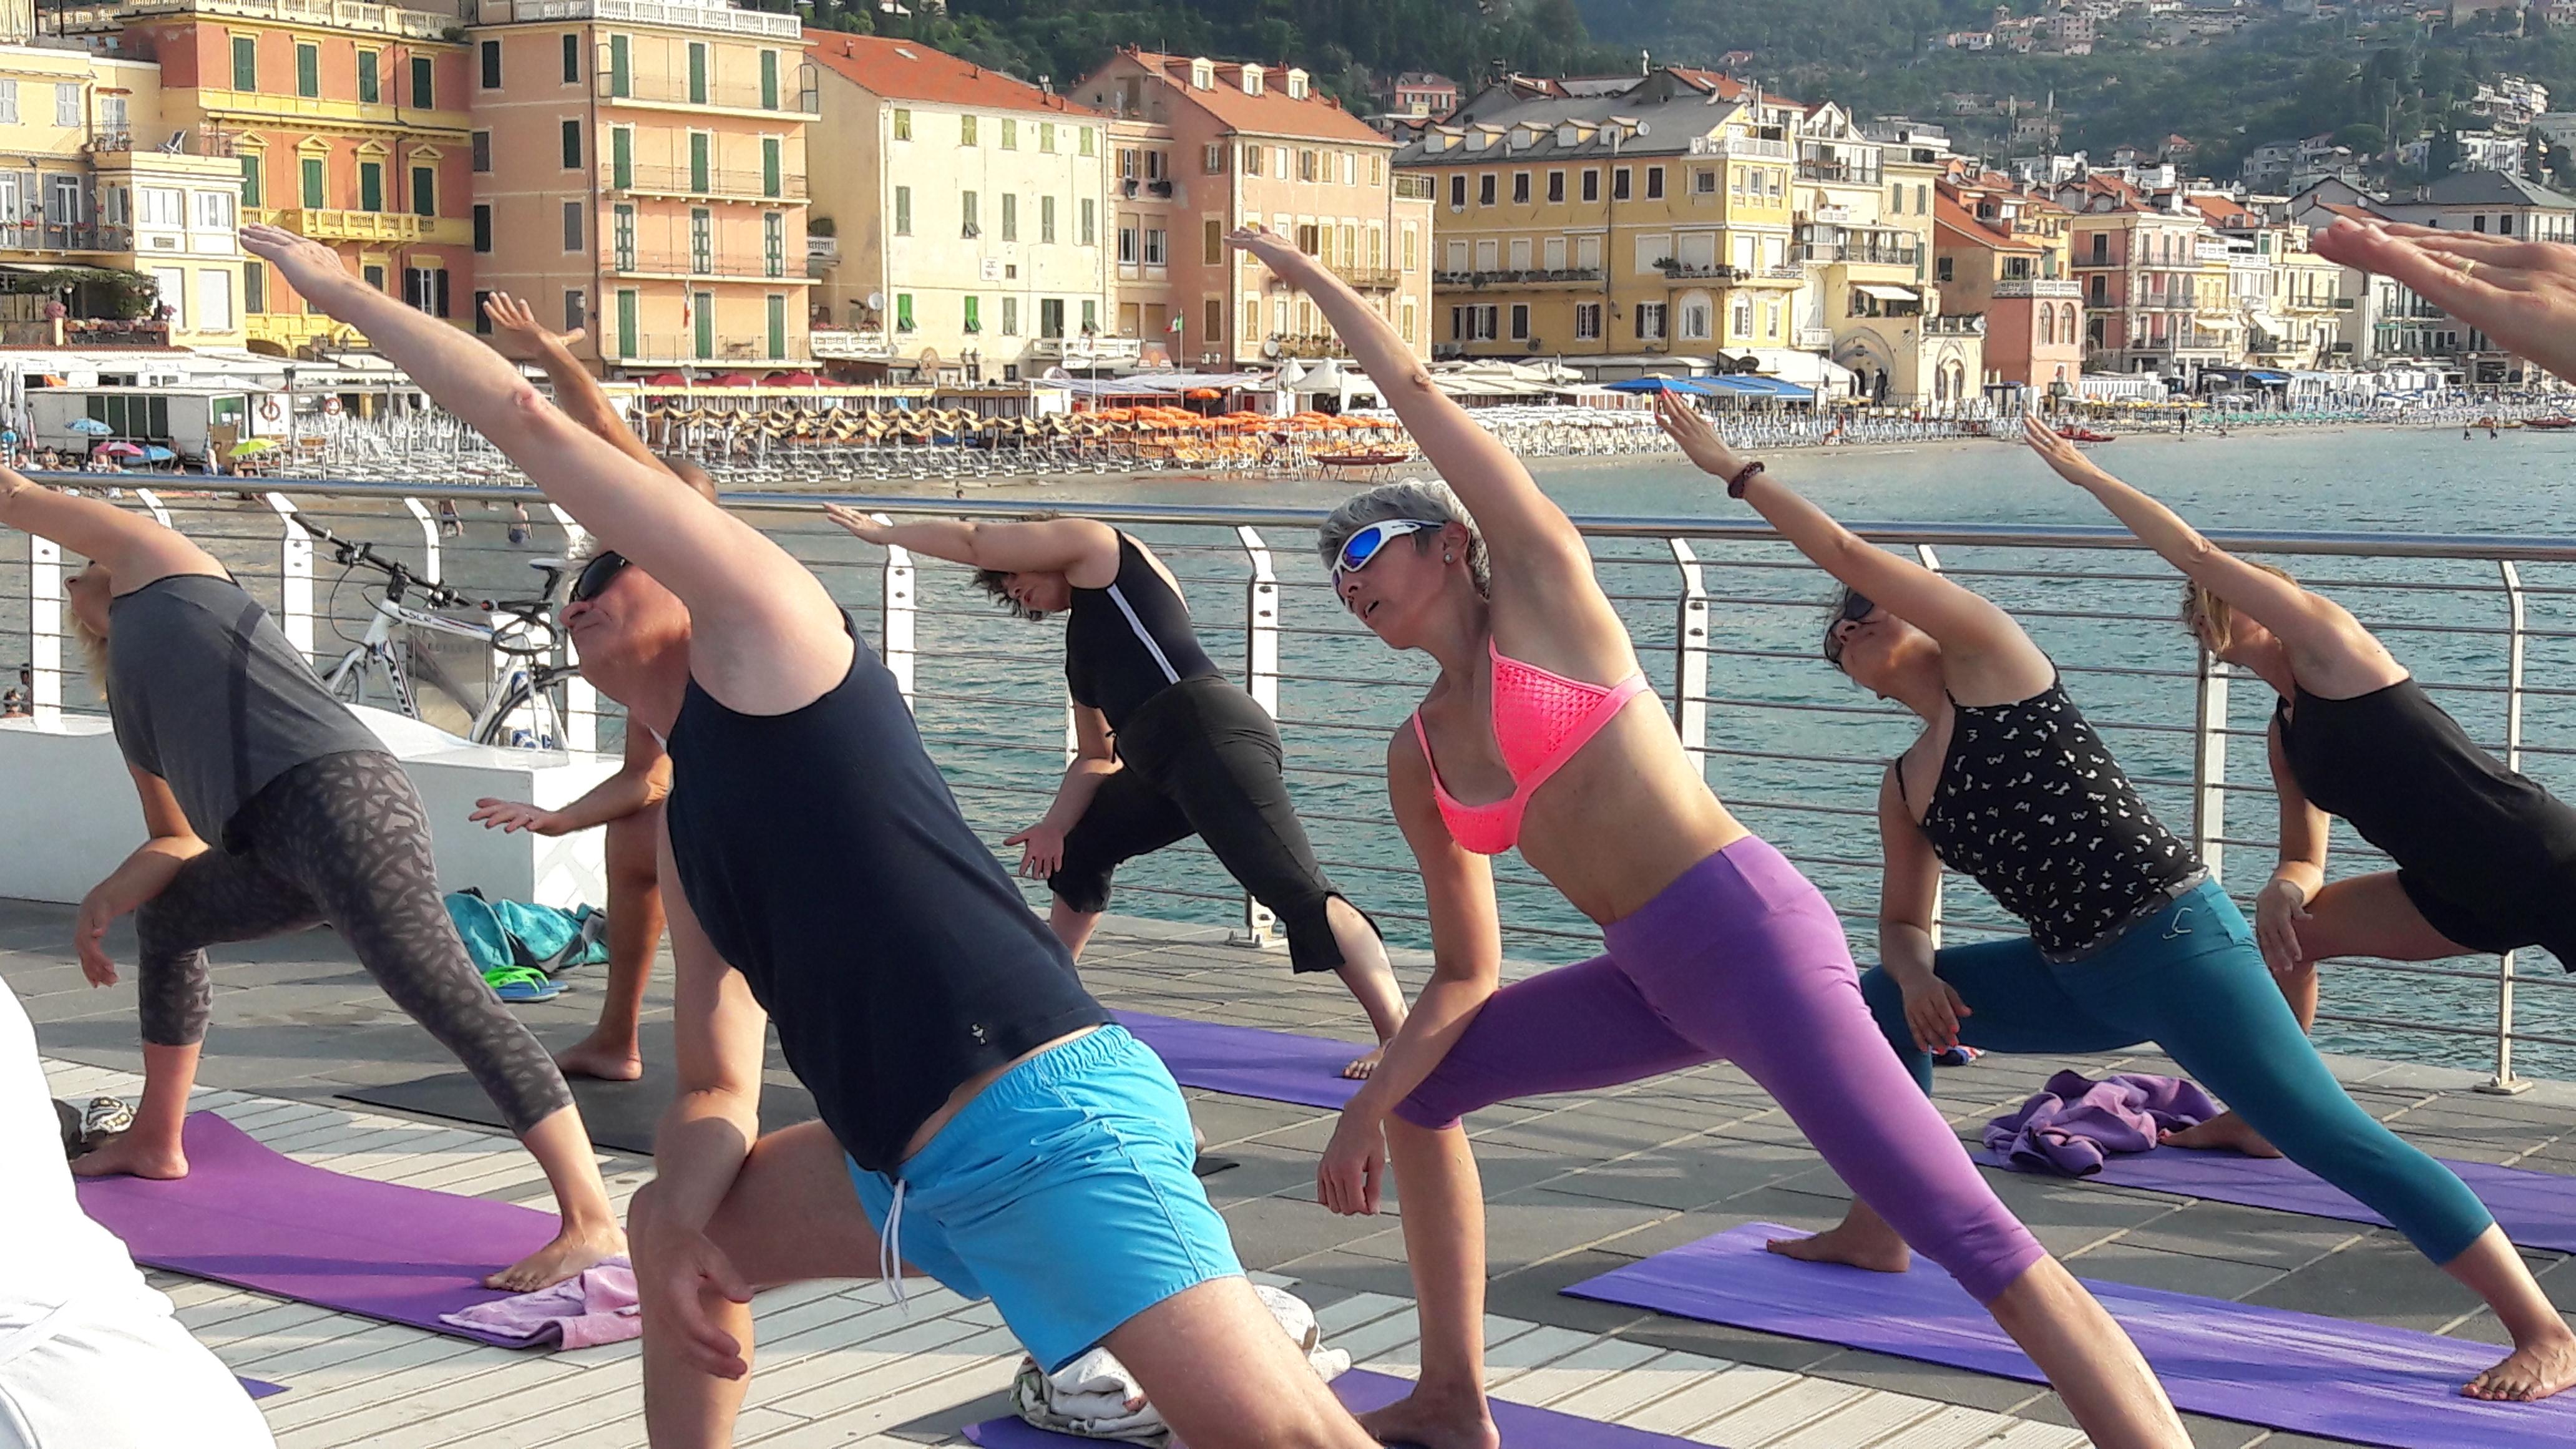 1_essere-free-yoga-gratuito-benessere-per-tutti-village-citta-alassio-estate-lucia-ragazzi-summer-town-wellness-027